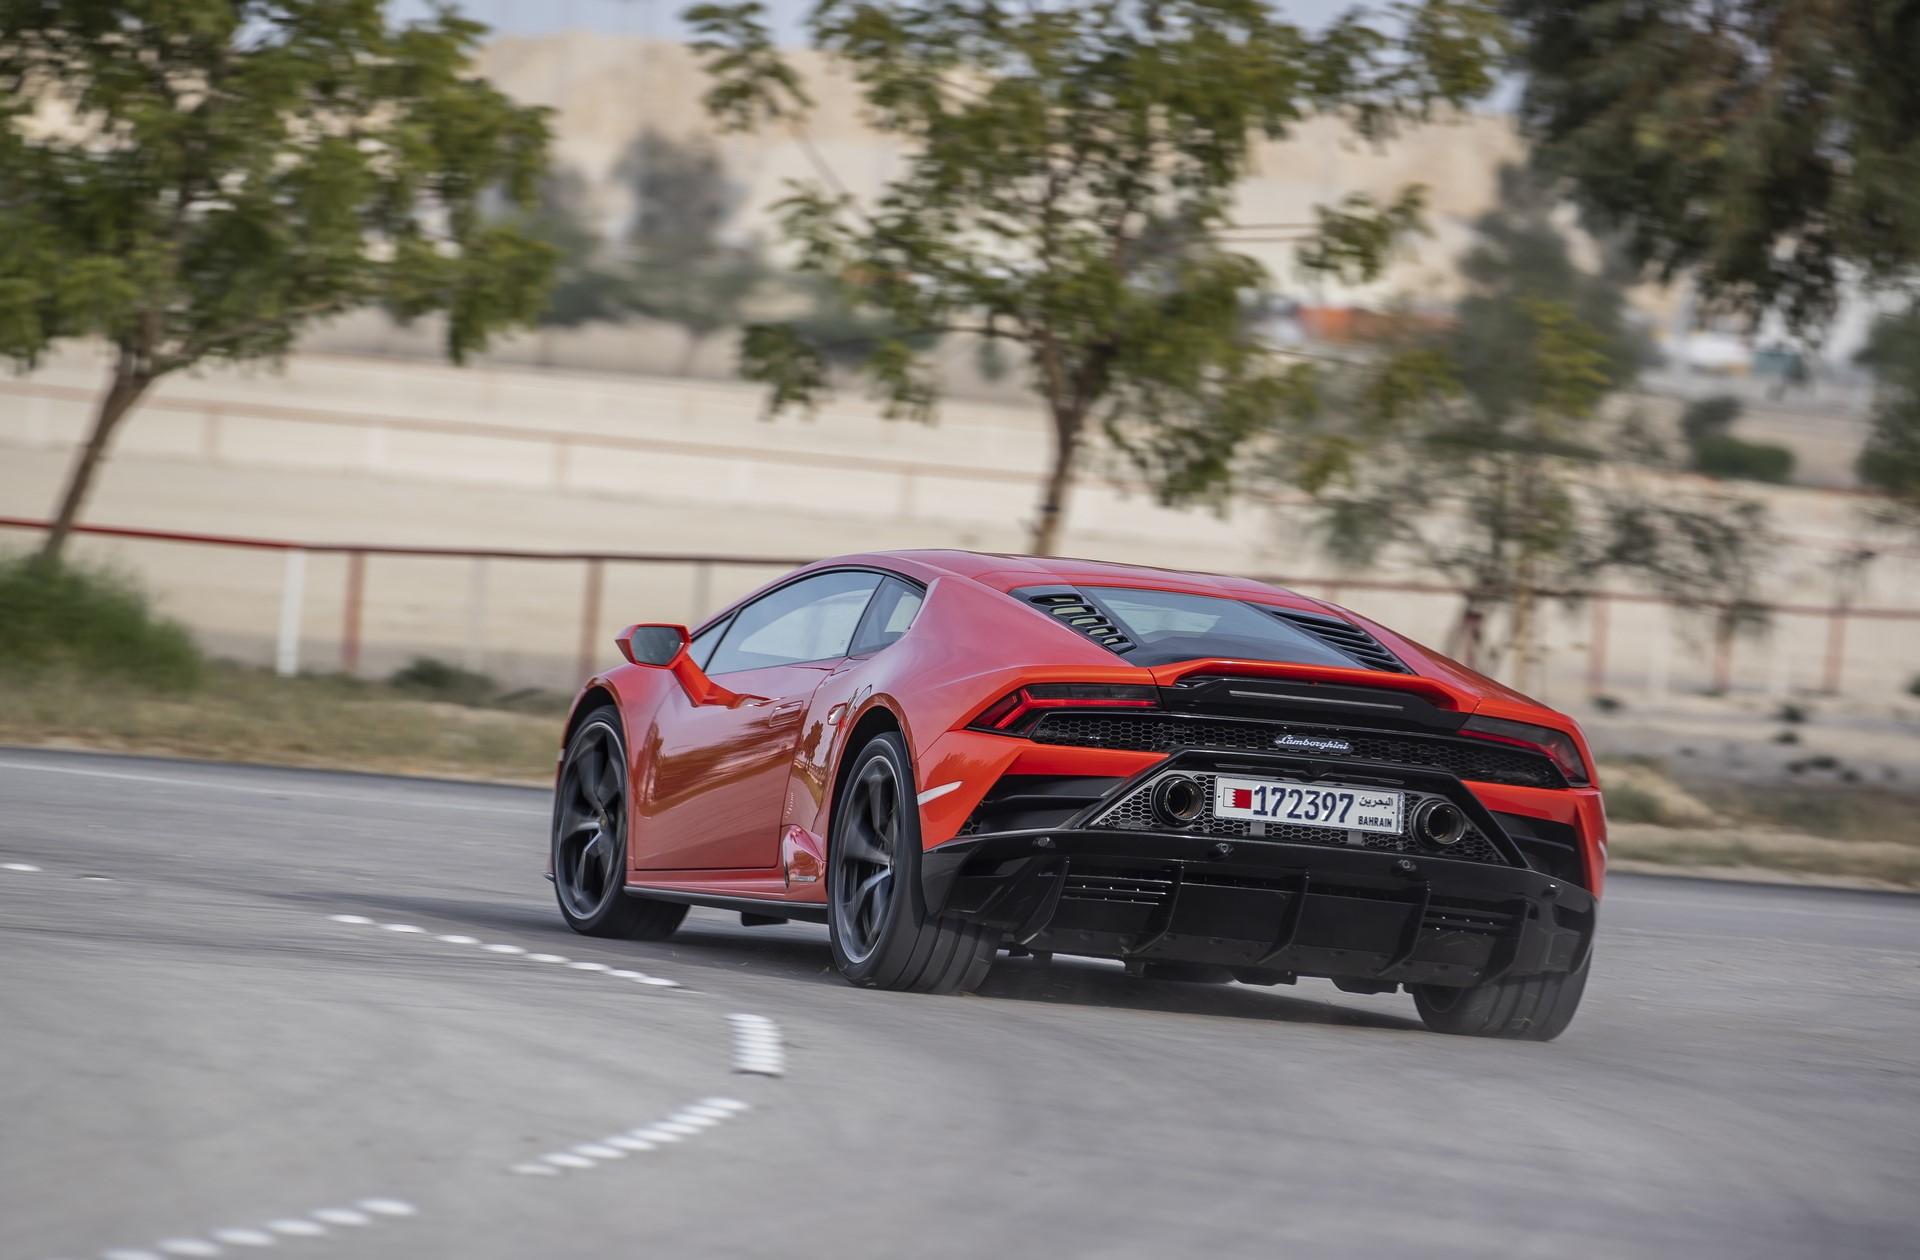 Lamborghini Huracan Evo 2019 (2)